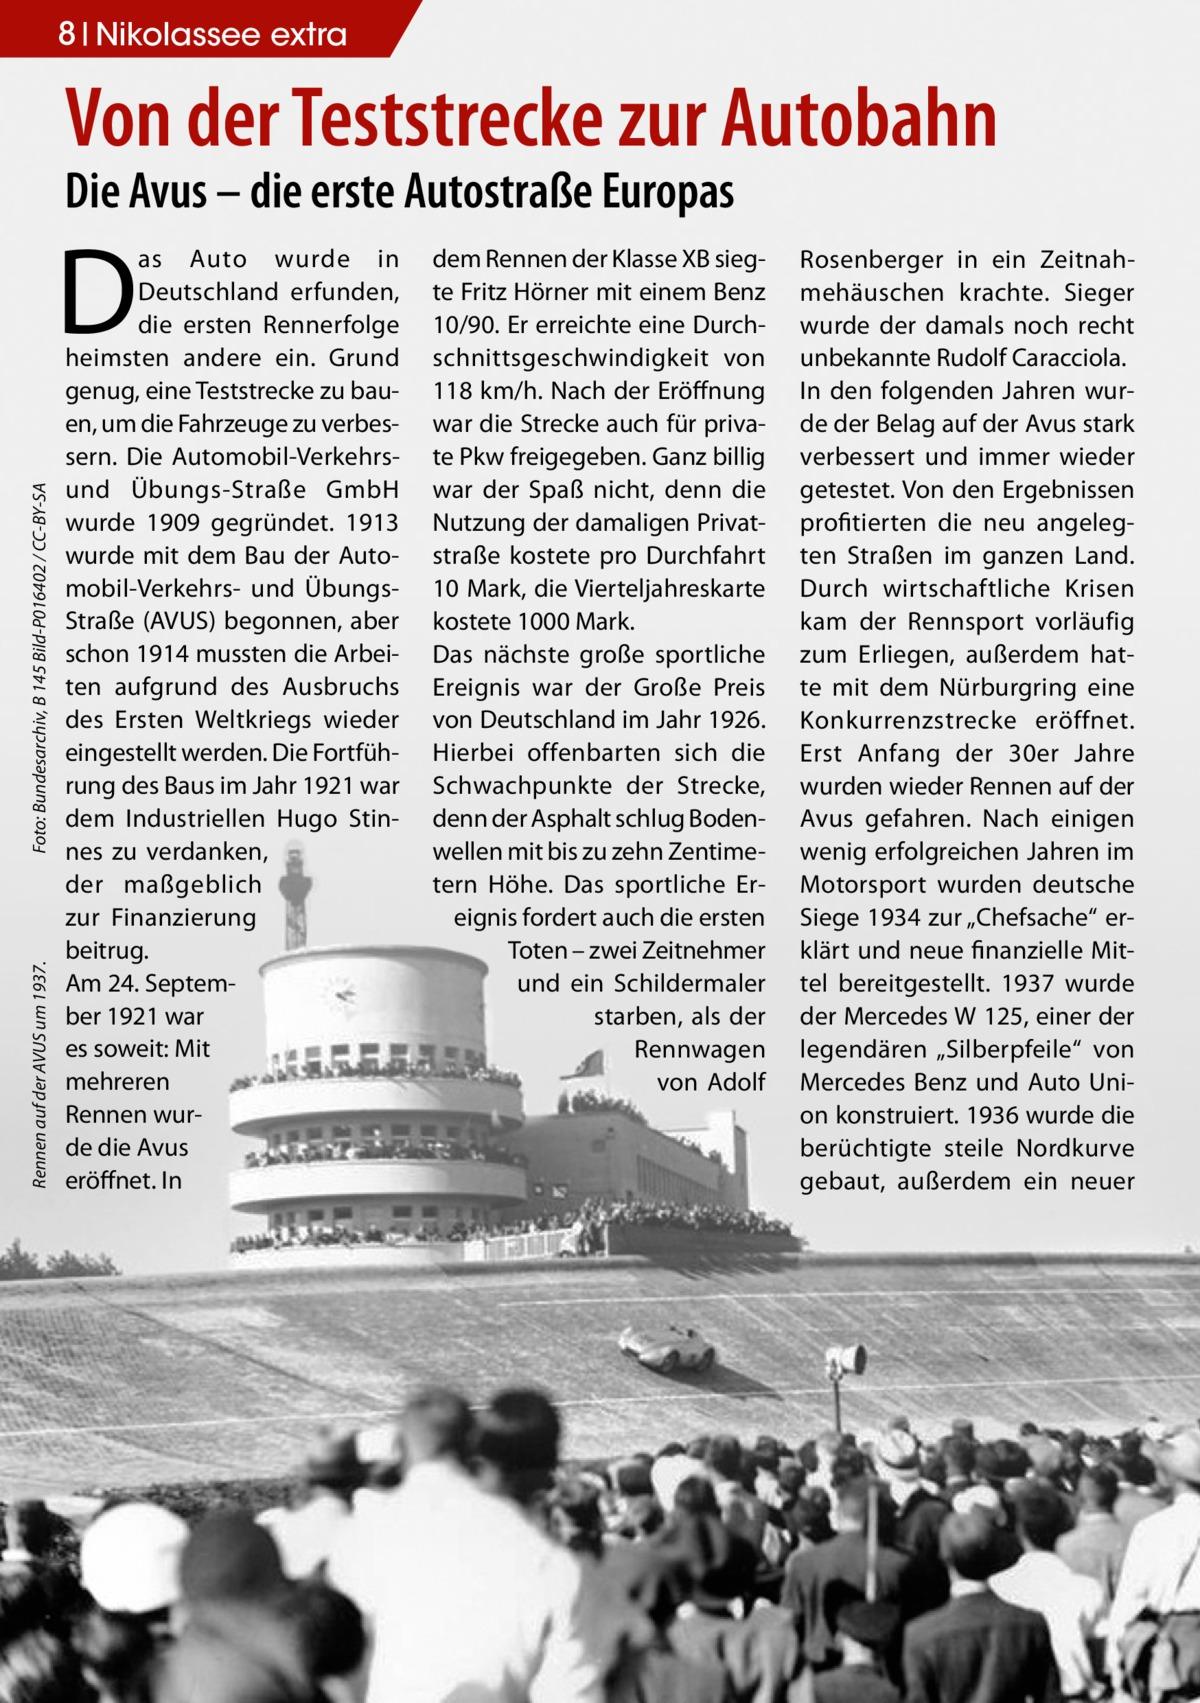 8 Nikolassee extra  Von der Teststrecke zur Autobahn Die Avus – die erste Autostraße Europas  Rennen auf der AVUS um 1937. �  Foto: Bundesarchiv, B 145 Bild-P016402 / CC-BY-SA  D  as Auto wurde in Deutschland erfunden, die ersten Rennerfolge heimsten andere ein. Grund genug, eine Teststrecke zu bauen, um die Fahrzeuge zu verbessern. Die Automobil-Verkehrsund Übungs-Straße GmbH wurde 1909 gegründet. 1913 wurde mit dem Bau der Automobil-Verkehrs- und ÜbungsStraße (AVUS) begonnen, aber schon 1914 mussten die Arbeiten aufgrund des Ausbruchs des Ersten Weltkriegs wieder eingestellt werden. Die Fortführung des Baus im Jahr 1921 war dem Industriellen Hugo Stinnes zu verdanken, der maßgeblich zur Finanzierung beitrug. Am 24. September 1921 war es soweit: Mit mehreren Rennen wurde die Avus eröffnet. In  dem Rennen der Klasse XB siegte Fritz Hörner mit einem Benz 10/90. Er erreichte eine Durchschnittsgeschwindigkeit von 118 km/h. Nach der Eröffnung war die Strecke auch für private Pkw freigegeben. Ganz billig war der Spaß nicht, denn die Nutzung der damaligen Privatstraße kostete pro Durchfahrt 10 Mark, die Vierteljahreskarte kostete 1000 Mark. Das nächste große sportliche Ereignis war der Große Preis von Deutschland im Jahr 1926. Hierbei offenbarten sich die Schwachpunkte der Strecke, denn der Asphalt schlug Bodenwellen mit bis zu zehn Zentimetern Höhe. Das sportliche Ereignis fordert auch die ersten Toten – zwei Zeitnehmer und ein Schildermaler starben, als der Rennwagen von Adolf  Rosenberger in ein Zeitnahmehäuschen krachte. Sieger wurde der damals noch recht unbekannte Rudolf Caracciola. In den folgenden Jahren wurde der Belag auf der Avus stark verbessert und immer wieder getestet. Von den Ergebnissen profitierten die neu angelegten Straßen im ganzen Land. Durch wirtschaftliche Krisen kam der Rennsport vorläufig zum Erliegen, außerdem hatte mit dem Nürburgring eine Konkurrenzstrecke eröffnet. Erst Anfang der 30er Jahre wurden wieder Rennen auf der Avus gefahren. Nach ei